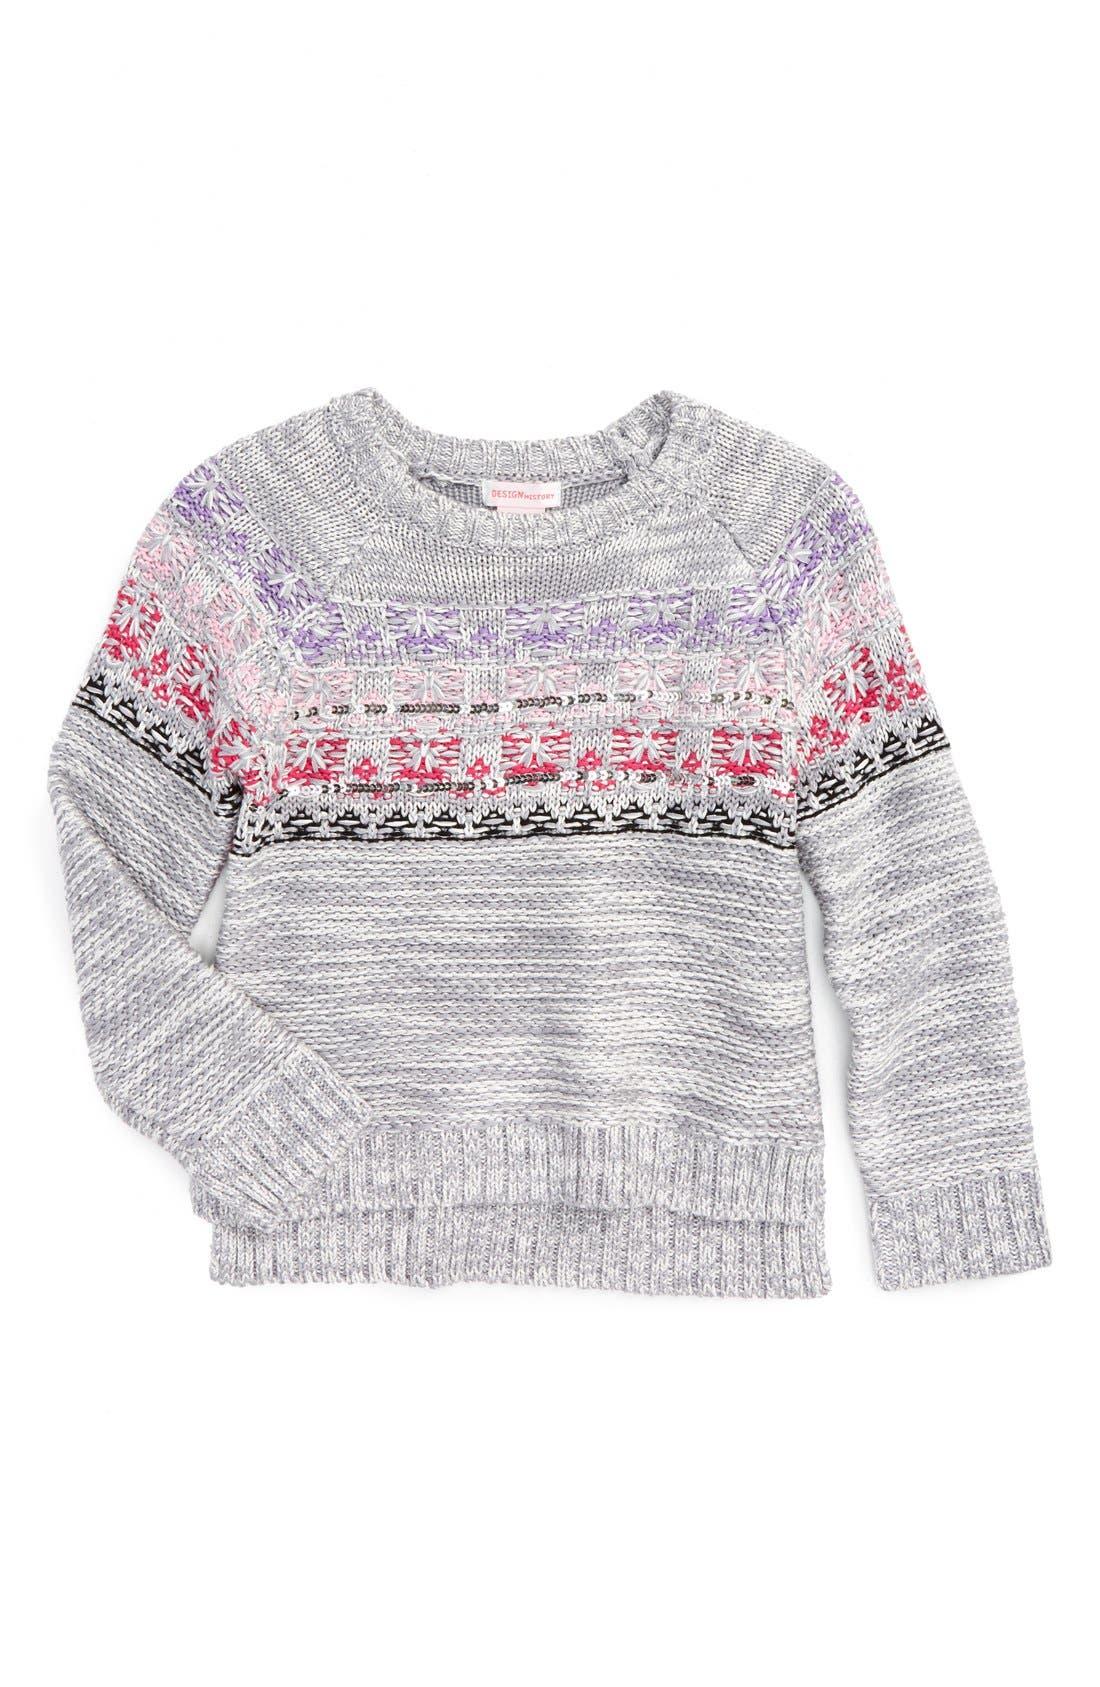 Alternate Image 1 Selected - Design History Embellished Knit Sweater (Toddler Girls & Little Girls)